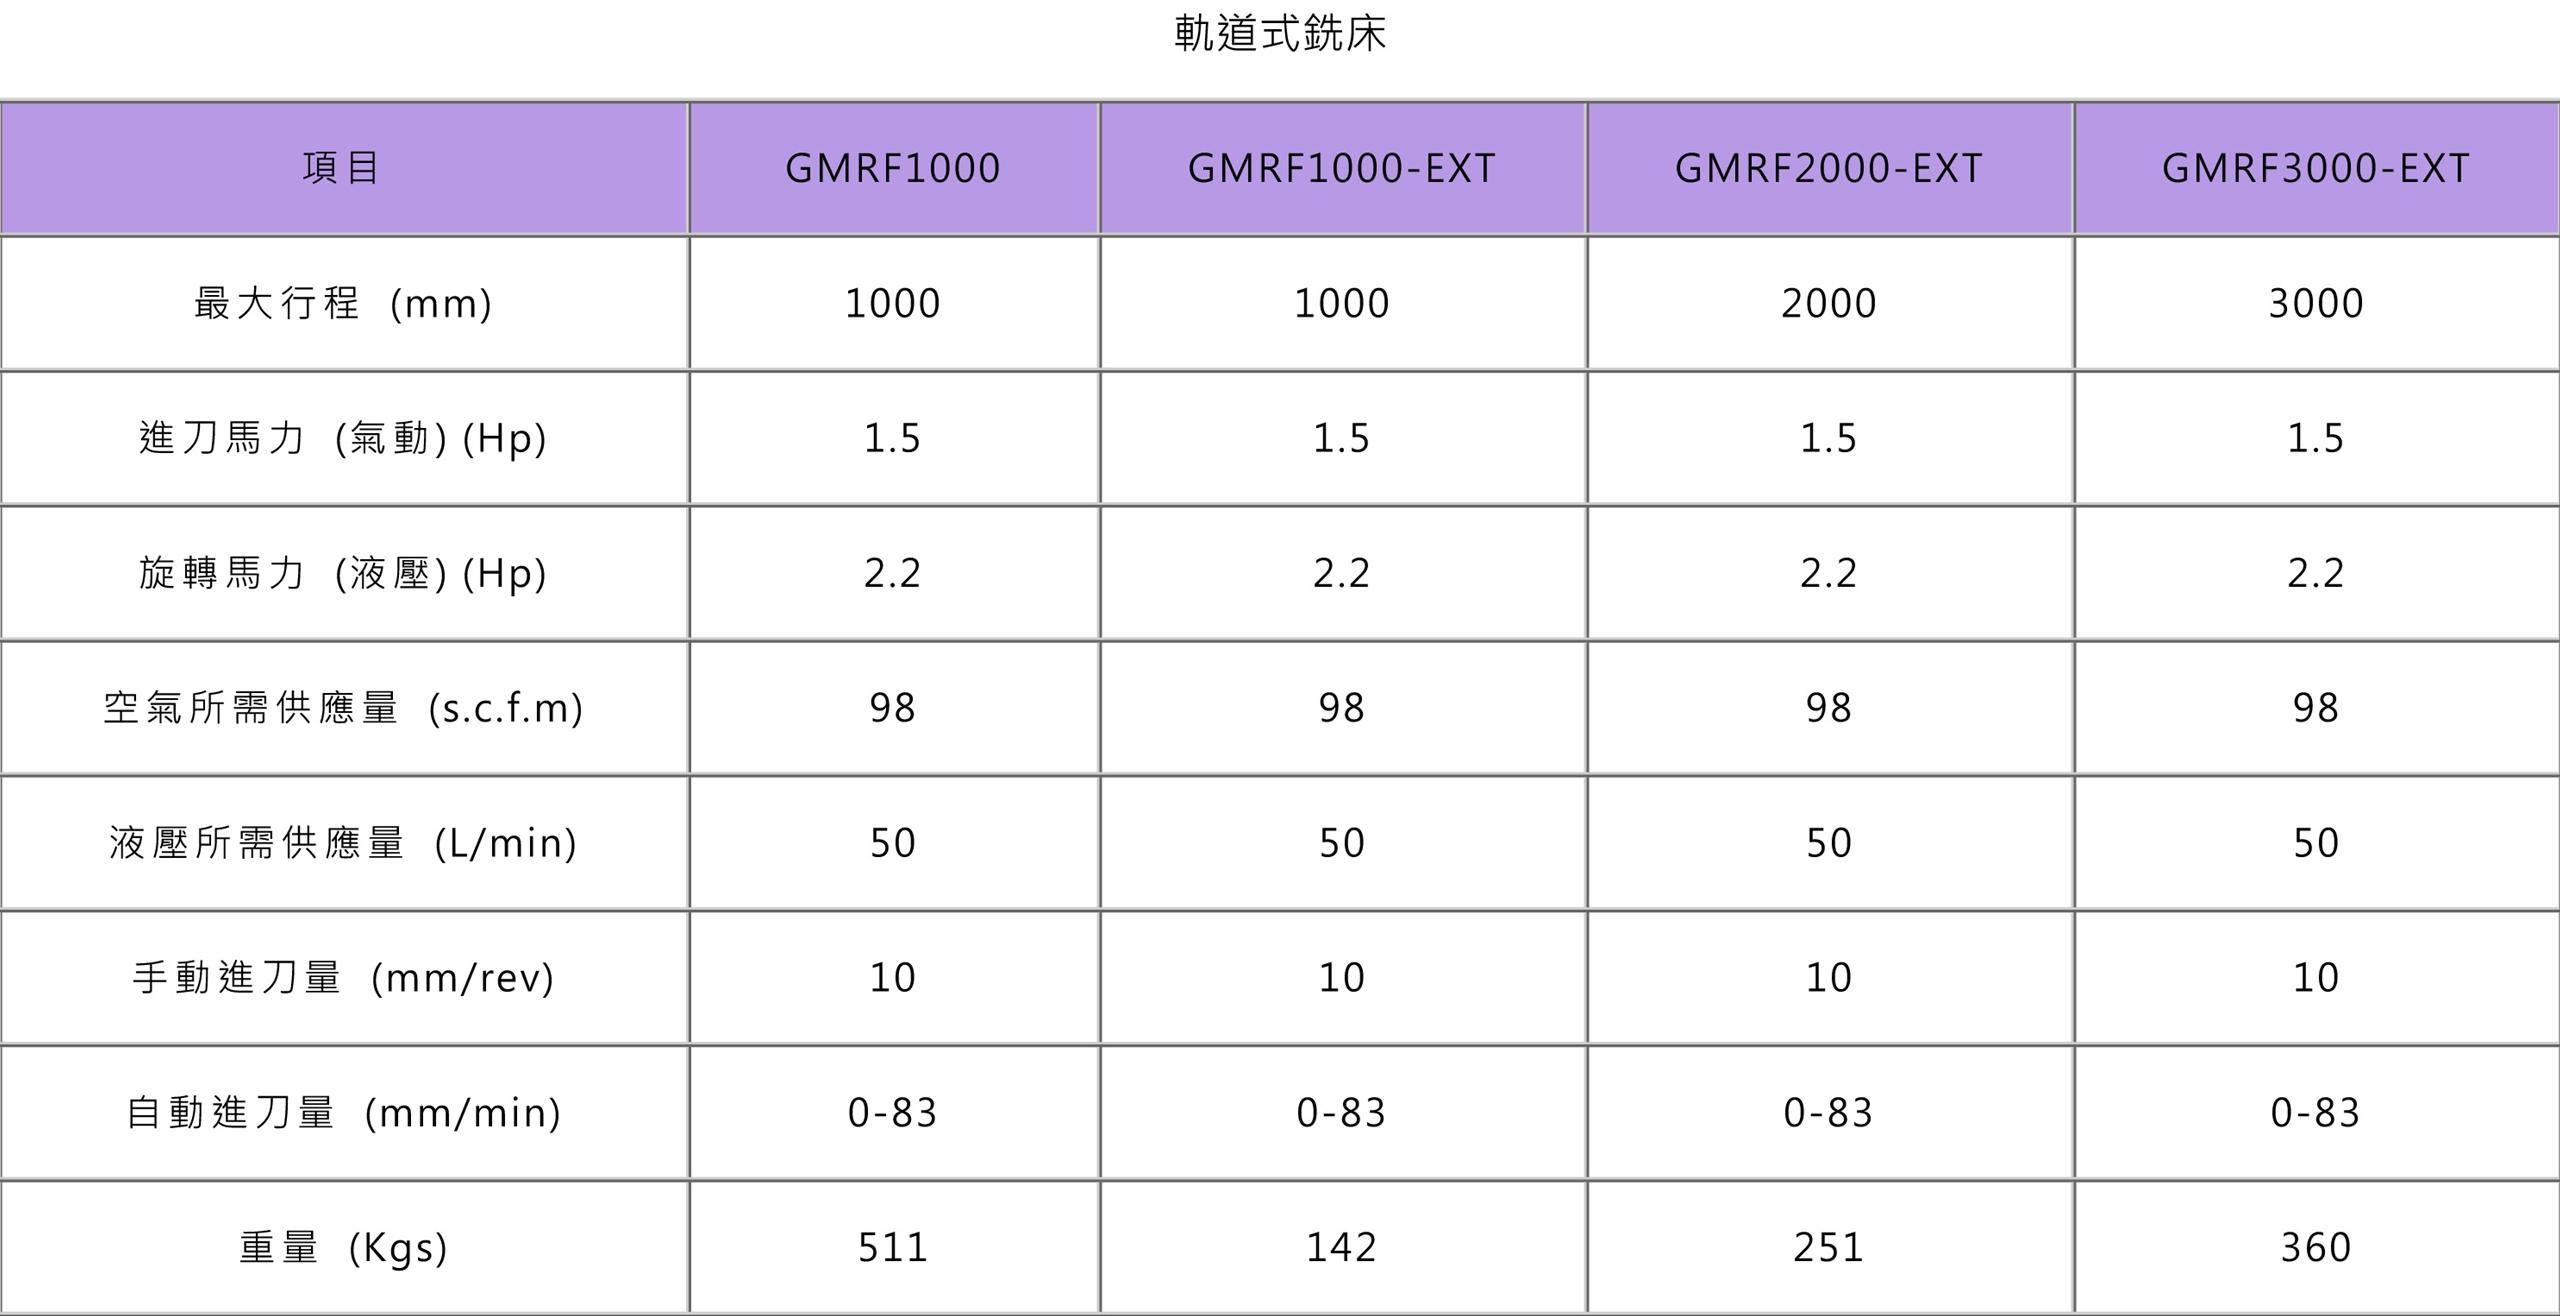 軌道式銑床 規格表